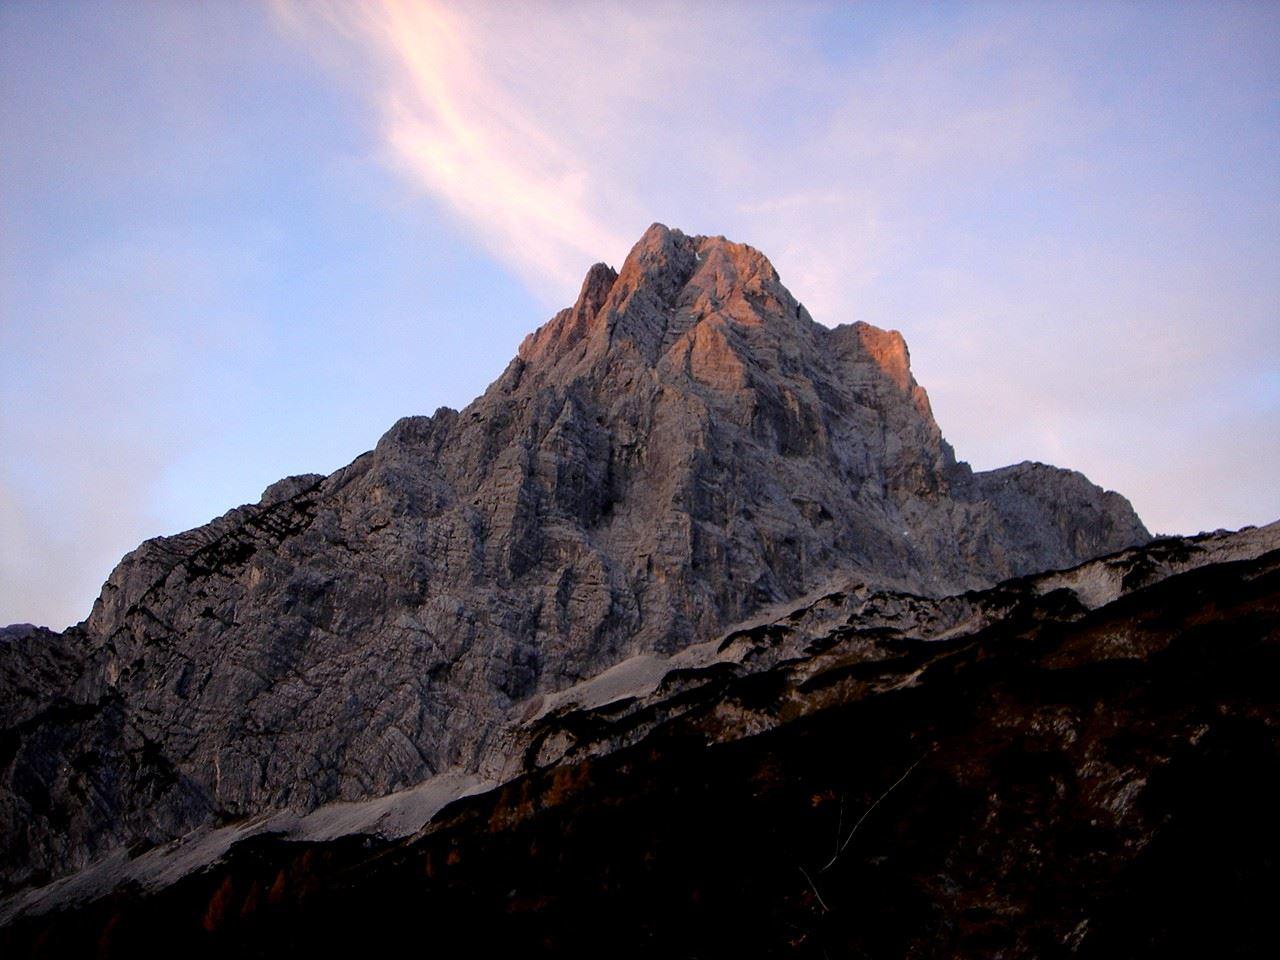 Foto: Manfred Karl / Wander Tour / Über das Prielschutzhaus und den Bert-Rinesch-Klettersteig auf den Gr.Priel / Spitzmauer im Morgenlicht / 15.06.2007 23:24:11